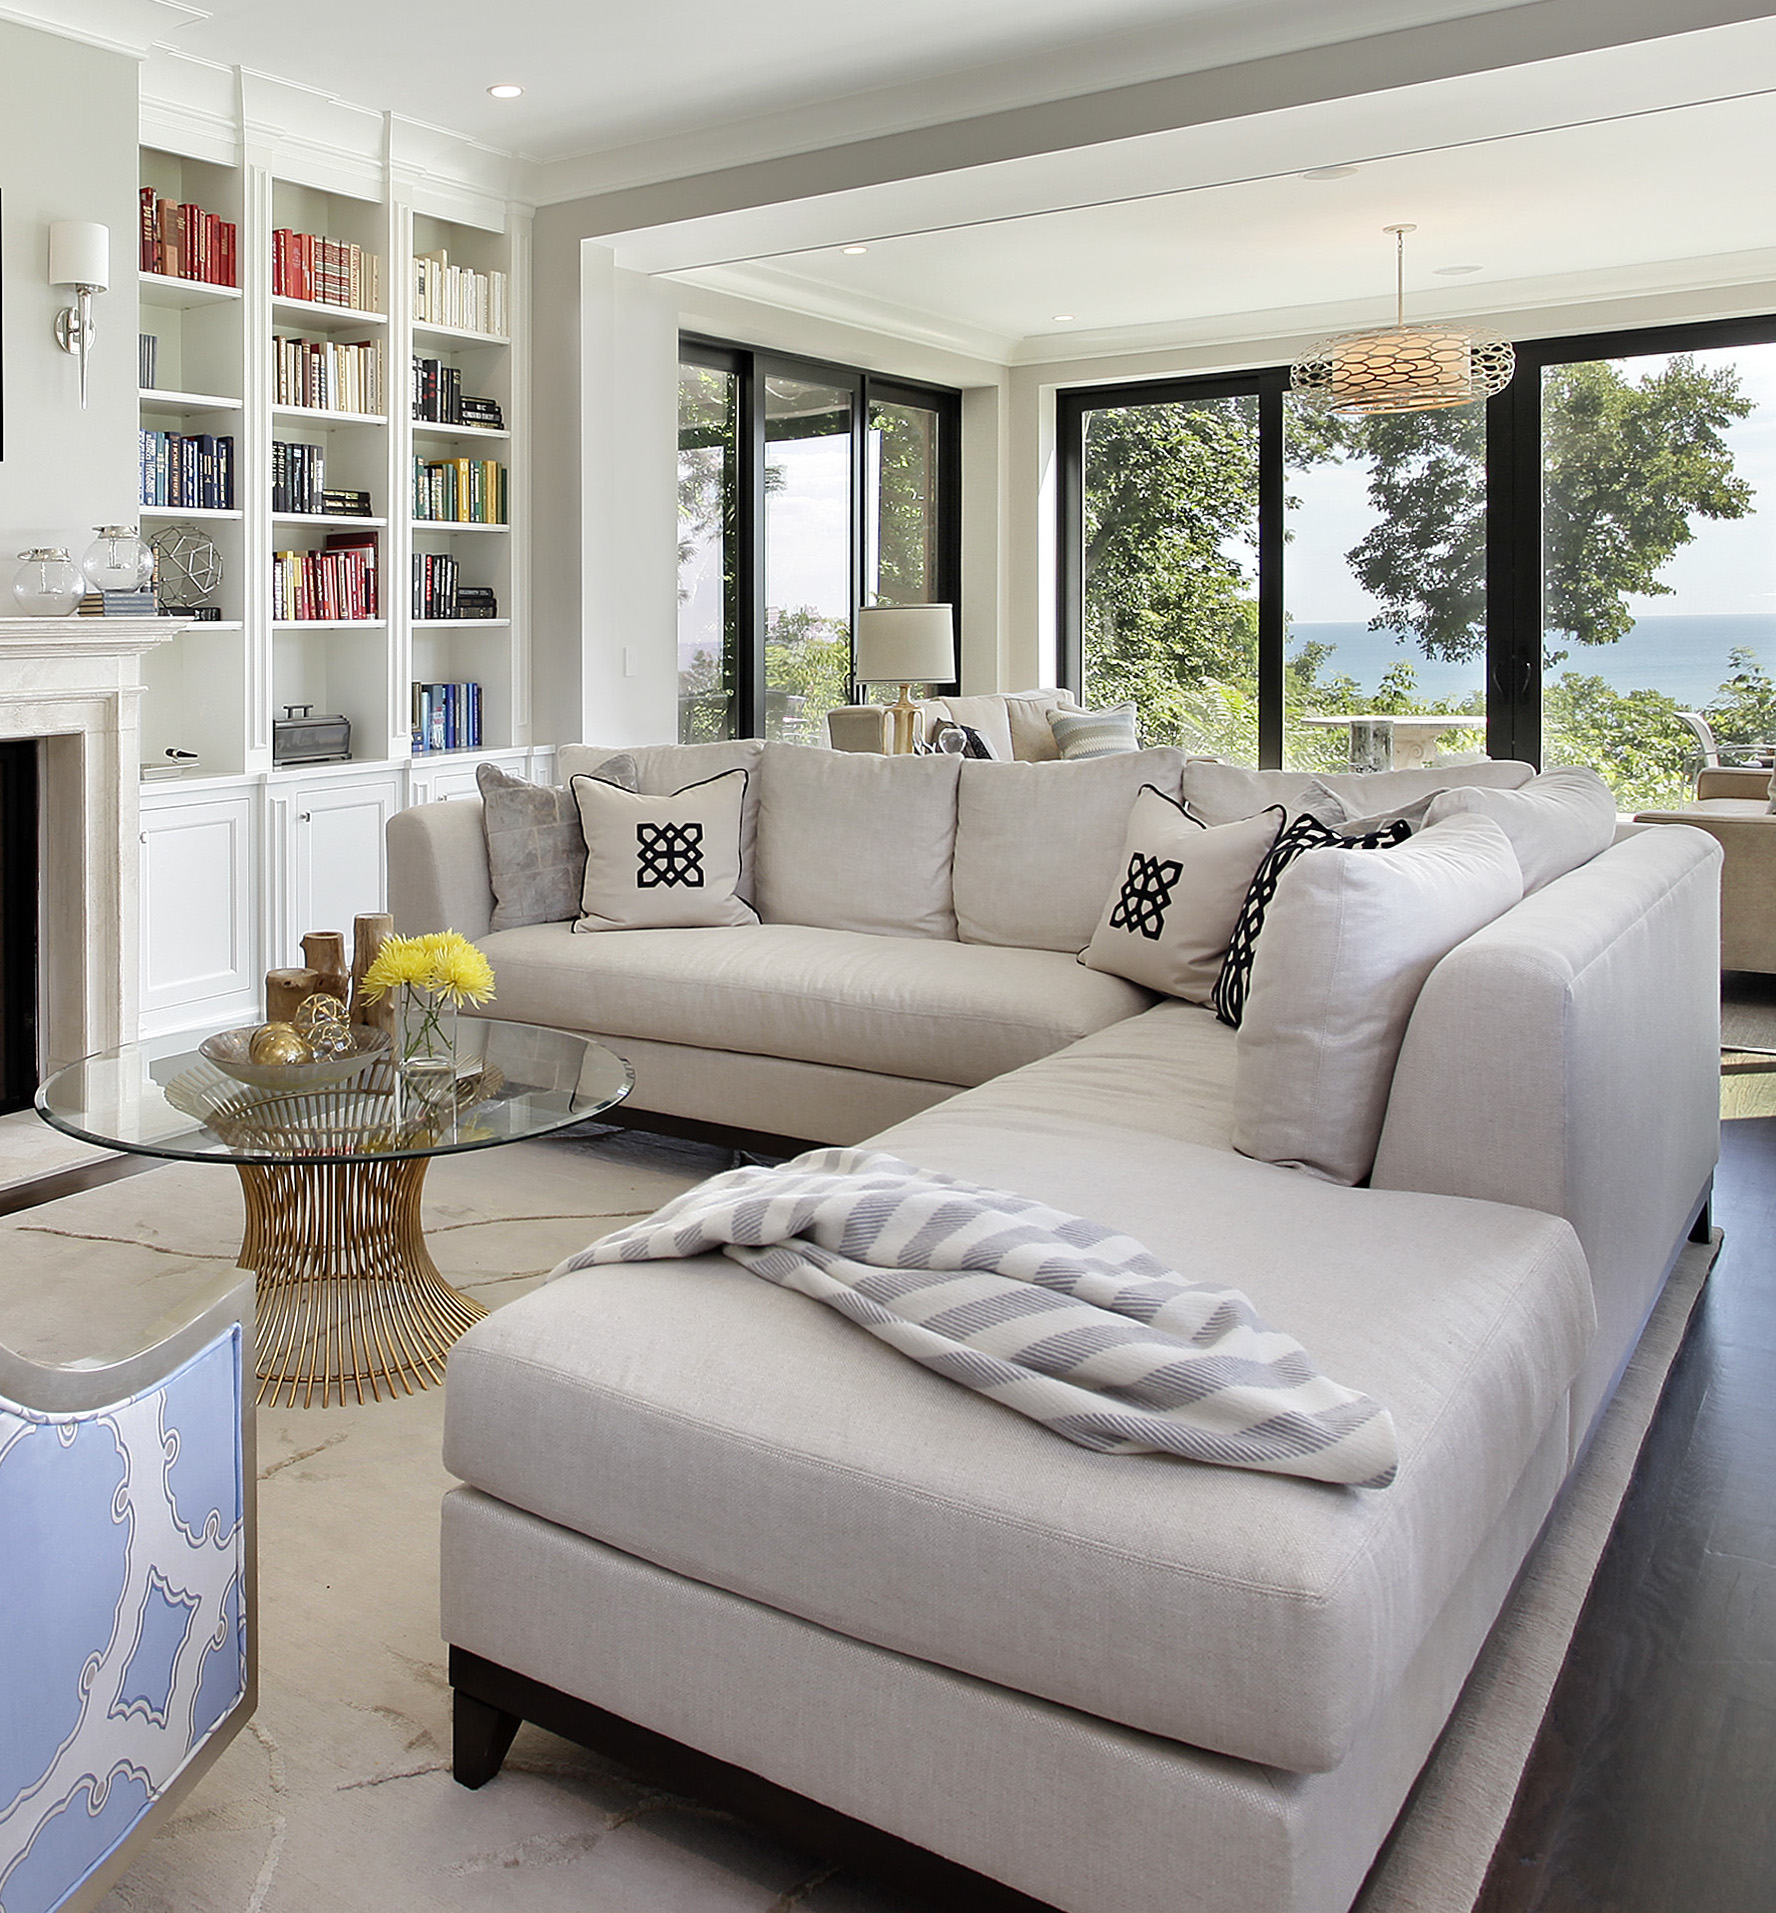 livingroom1_117belle.jpg